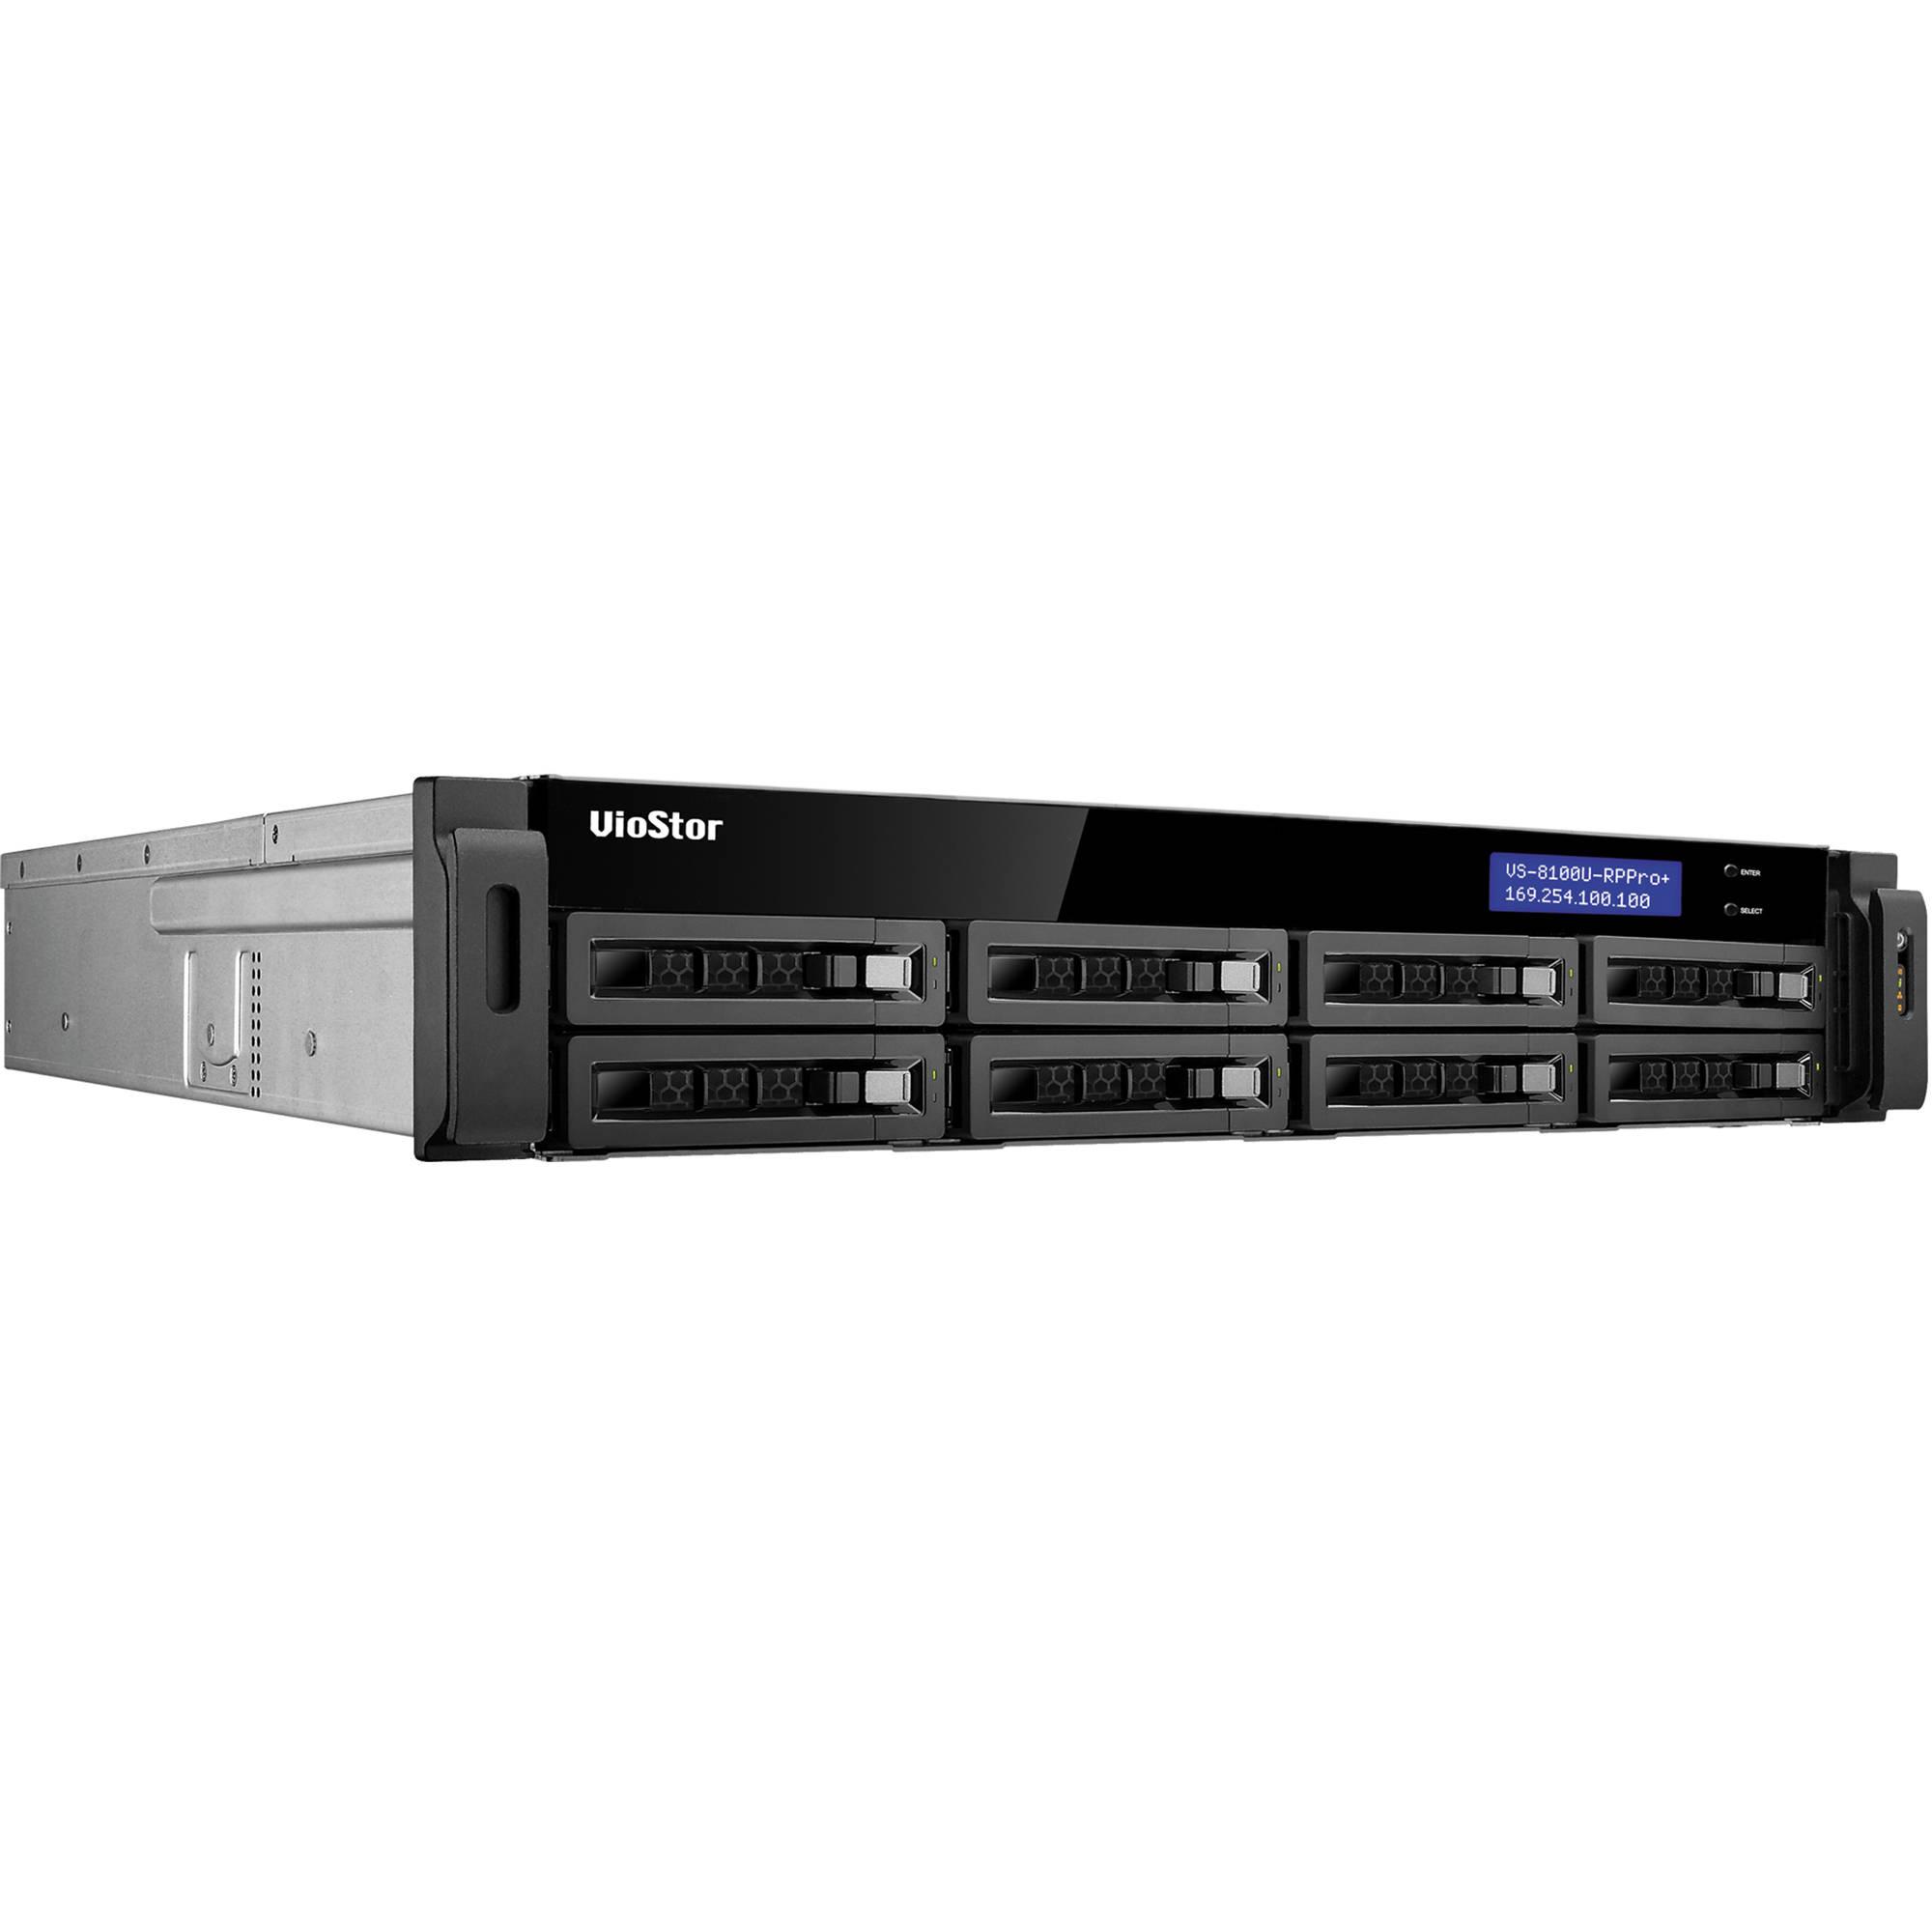 QNAP VS-8124U-RP Pro+ NVR Treiber Windows 10